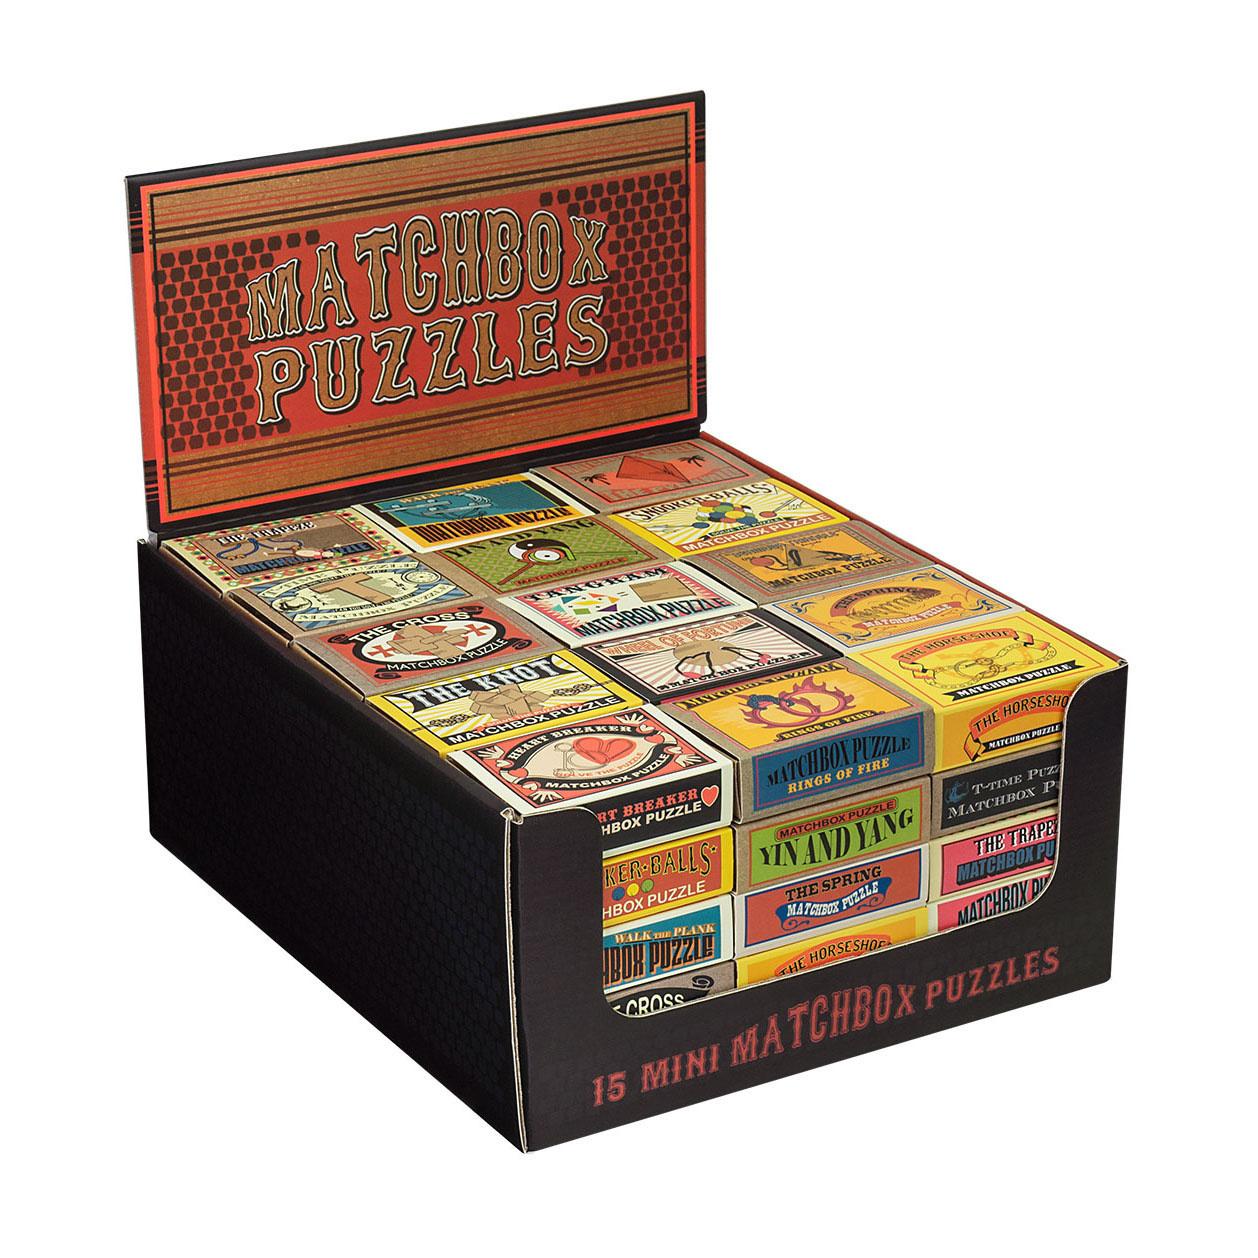 Matchbox Puzzles